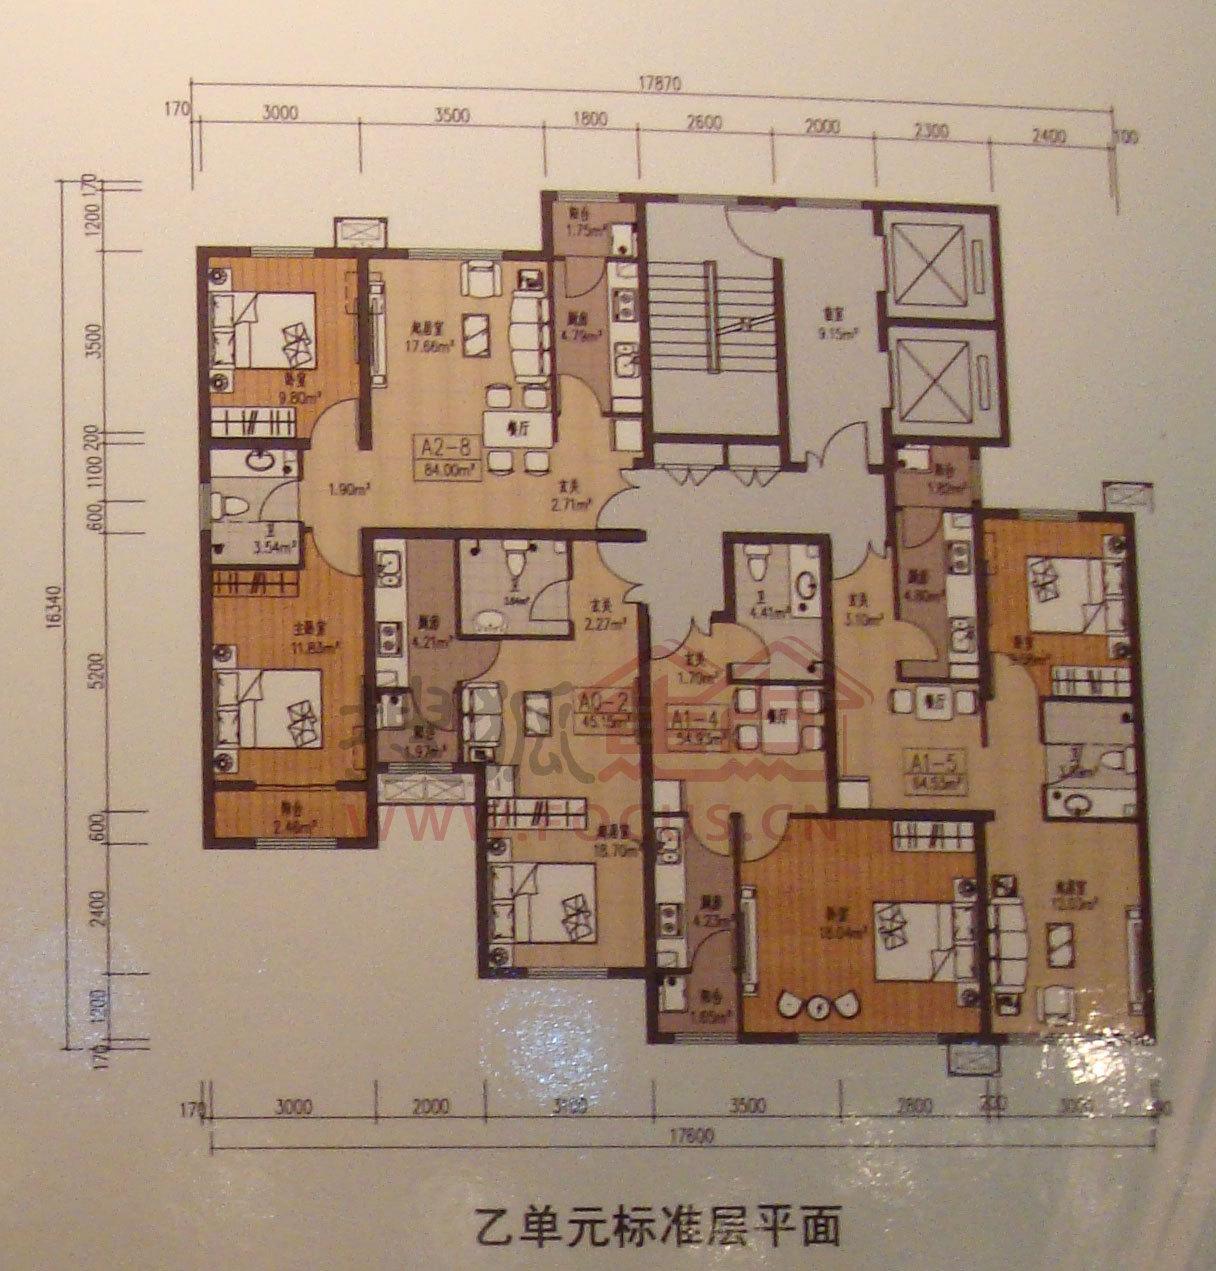 温泉凯盛家园(公租房)户型图